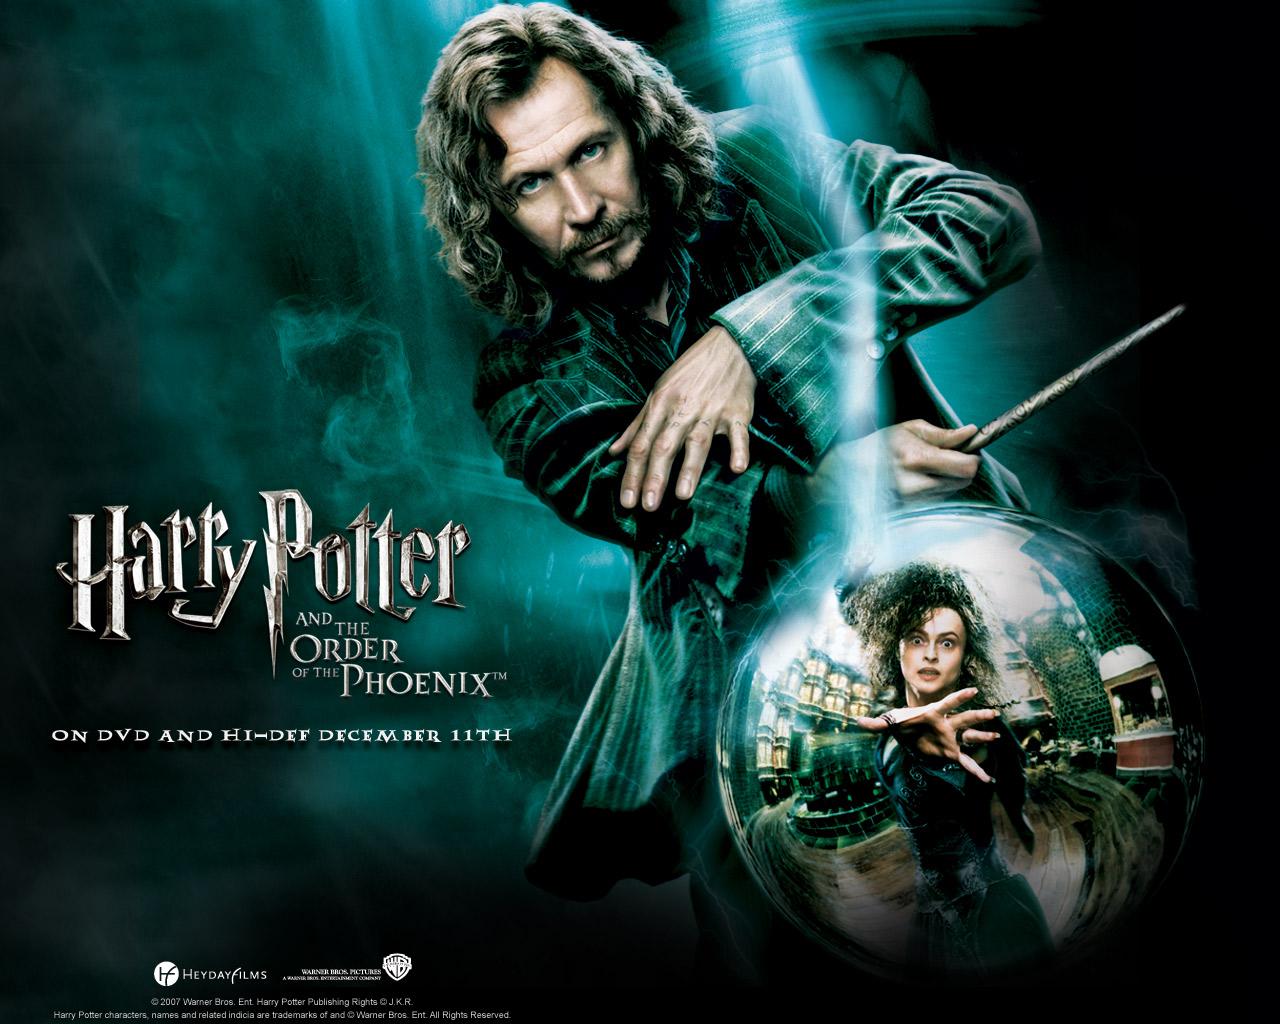 Hollywood Movies Harry Potter Wallpaper Deskto 17685 Wallpaper 1280x1024